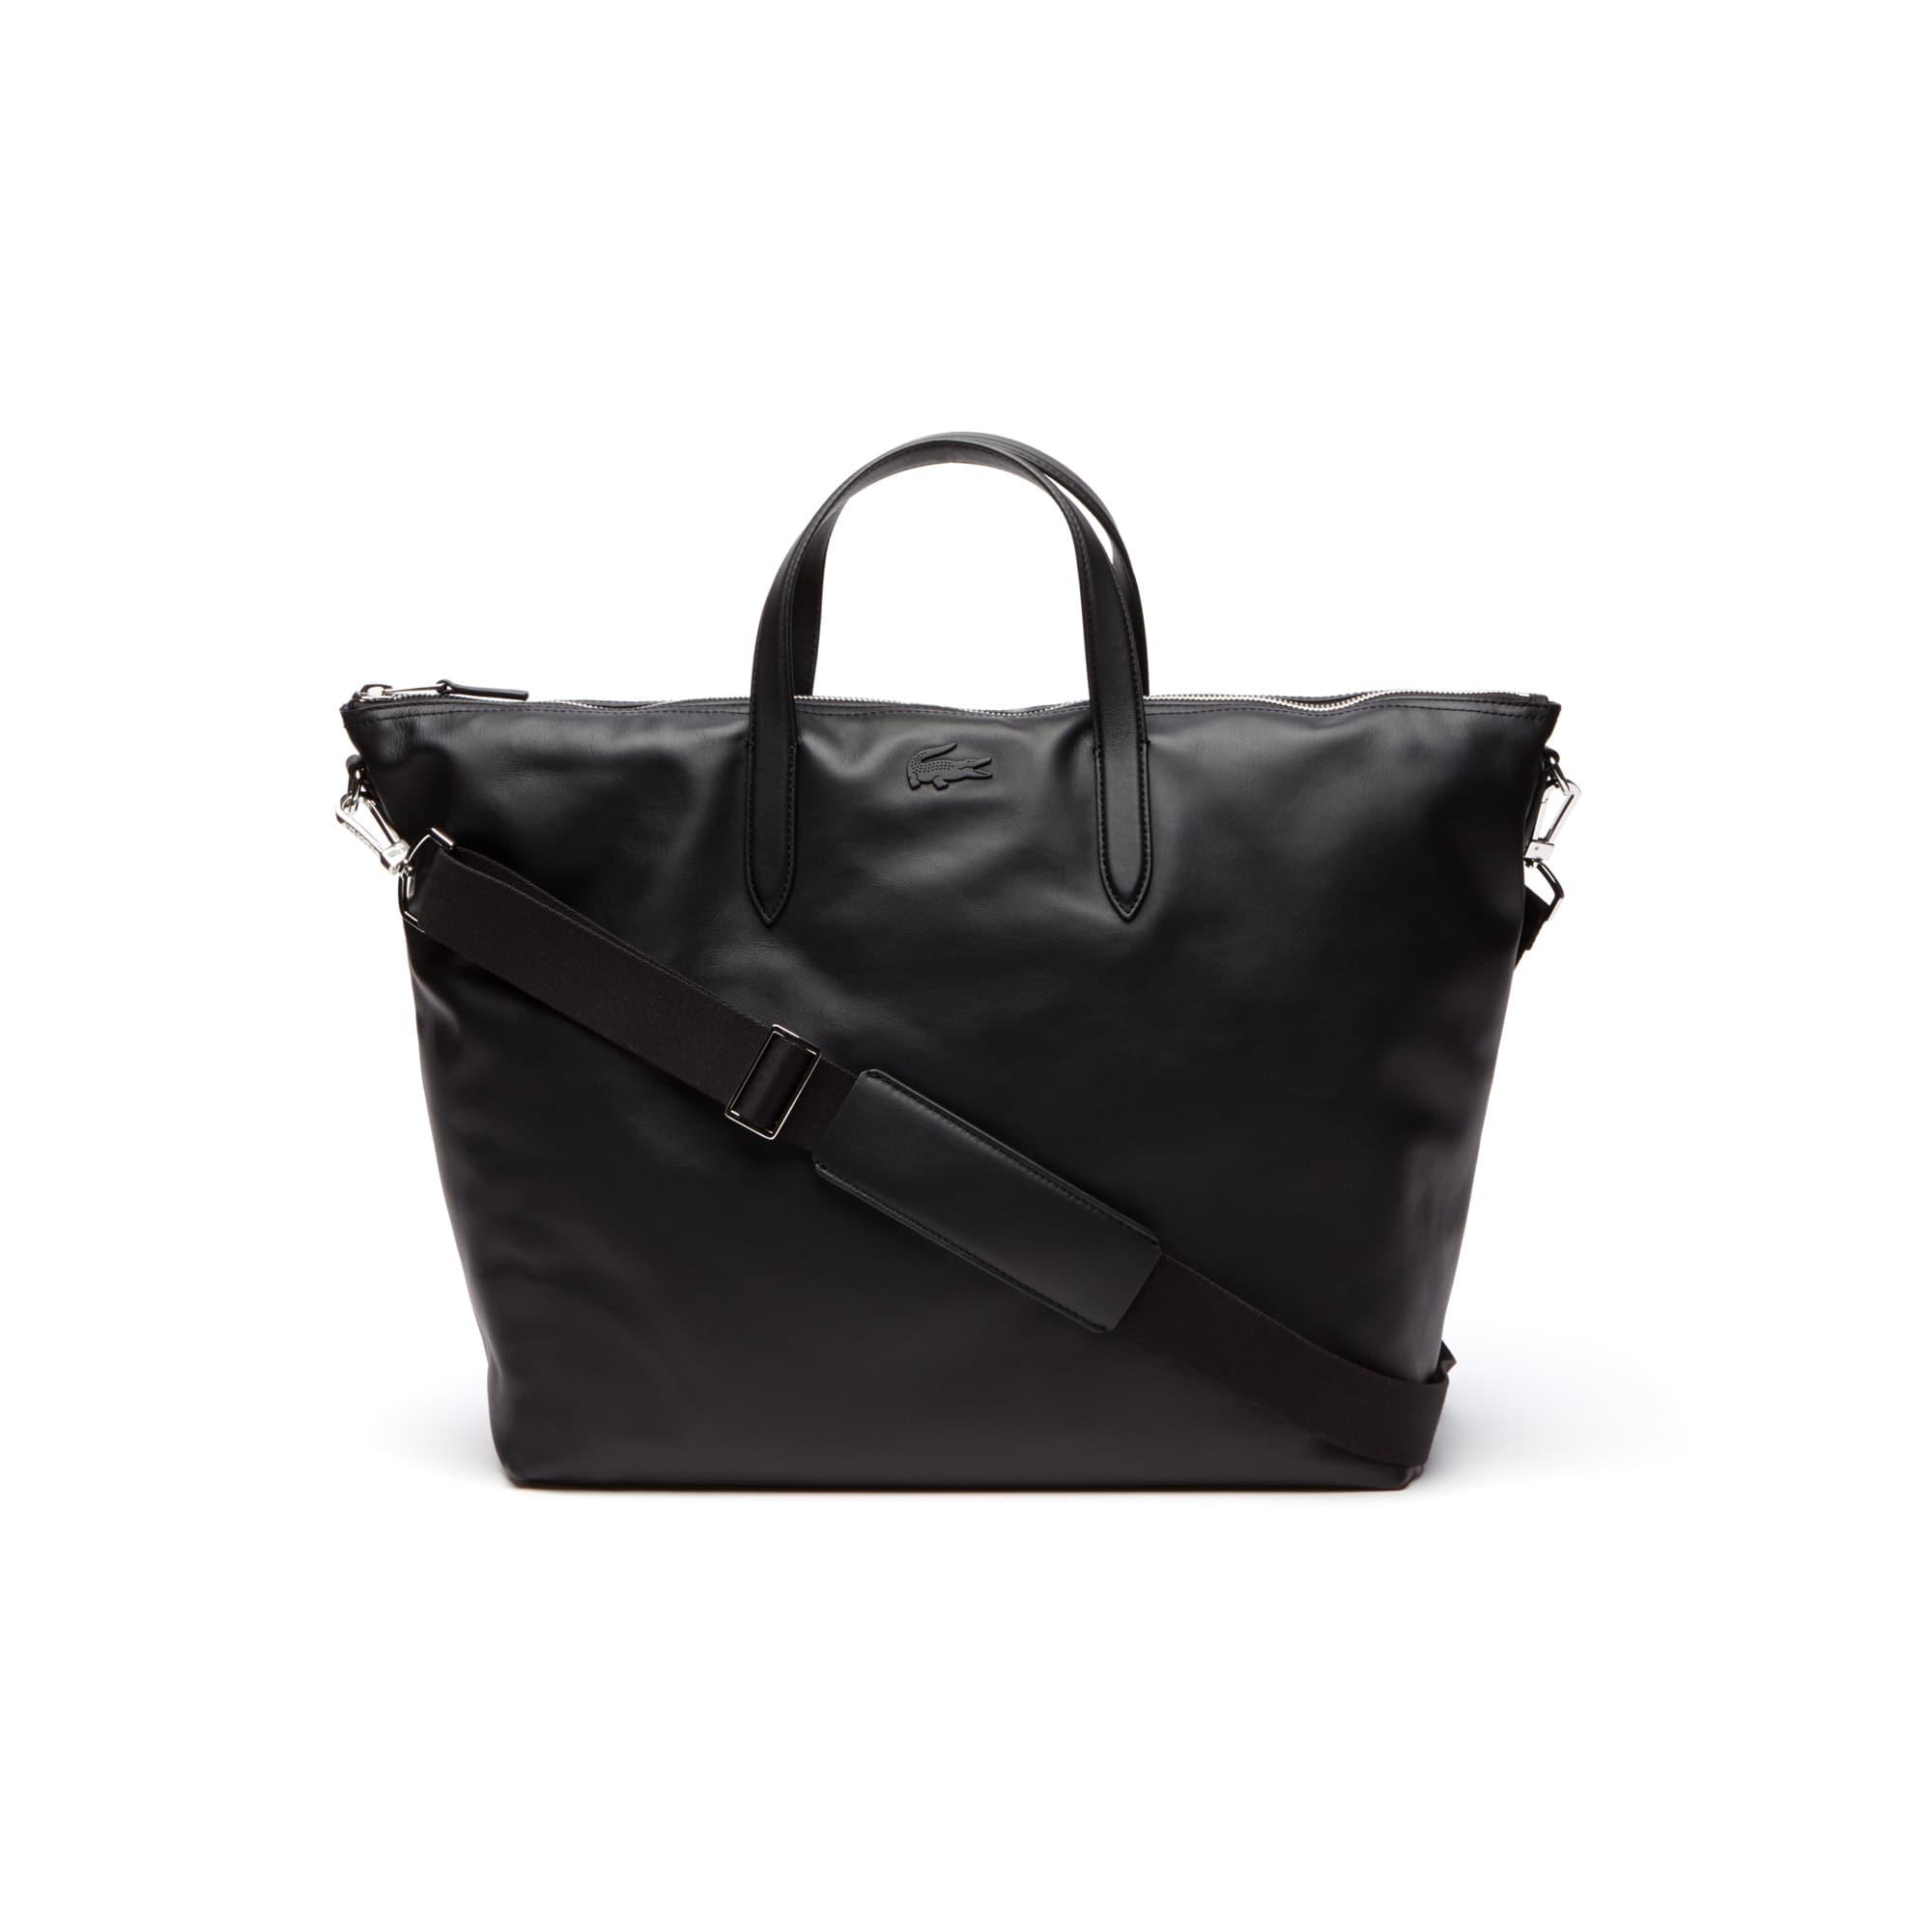 Herren L.12.12 BUSINESS Leder Tote Bag